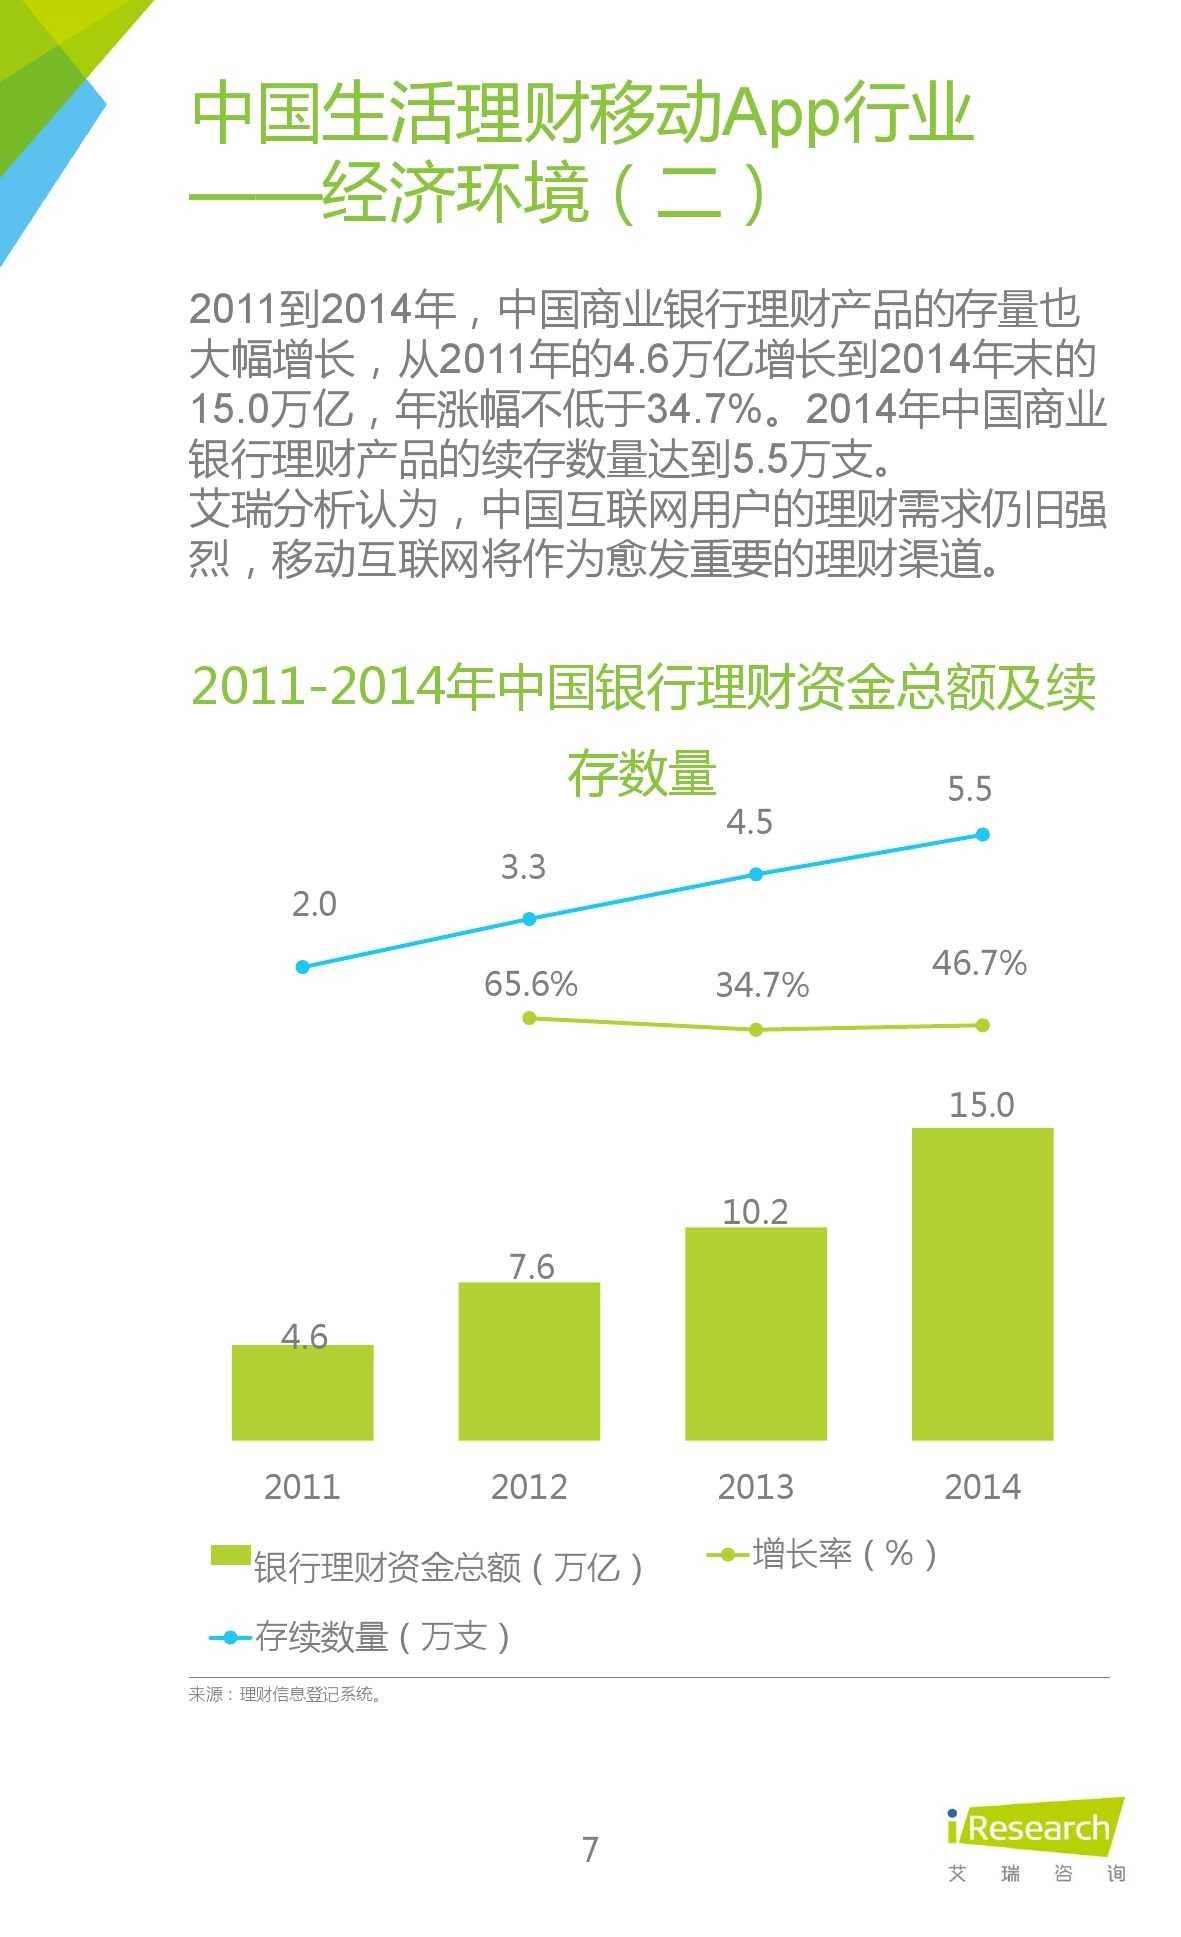 2015年中国生活理财移动App行业研究报告_000007